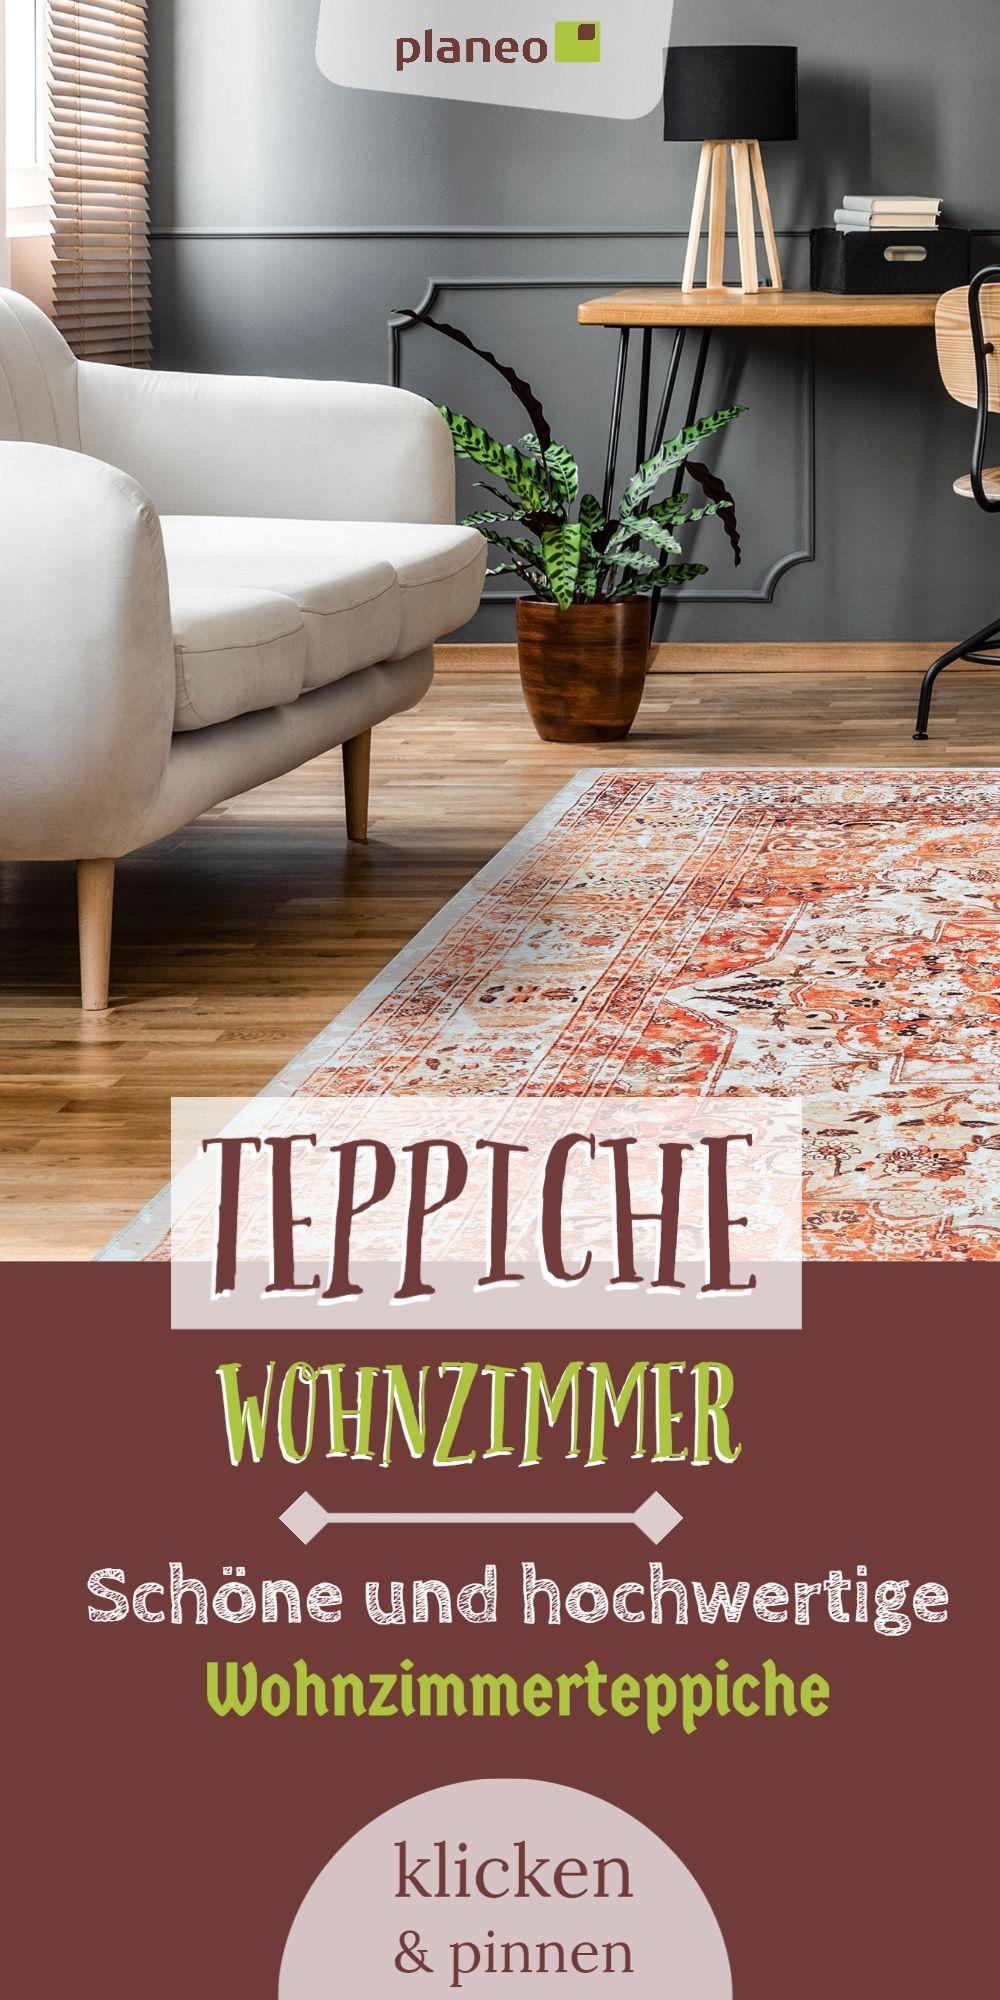 Teppiche Teppichboden Für Wohnzimmer Viele Schöne Wohnzimmerteppiche Teppich Wohnzimmer Wohnzimmerteppich Teppichboden